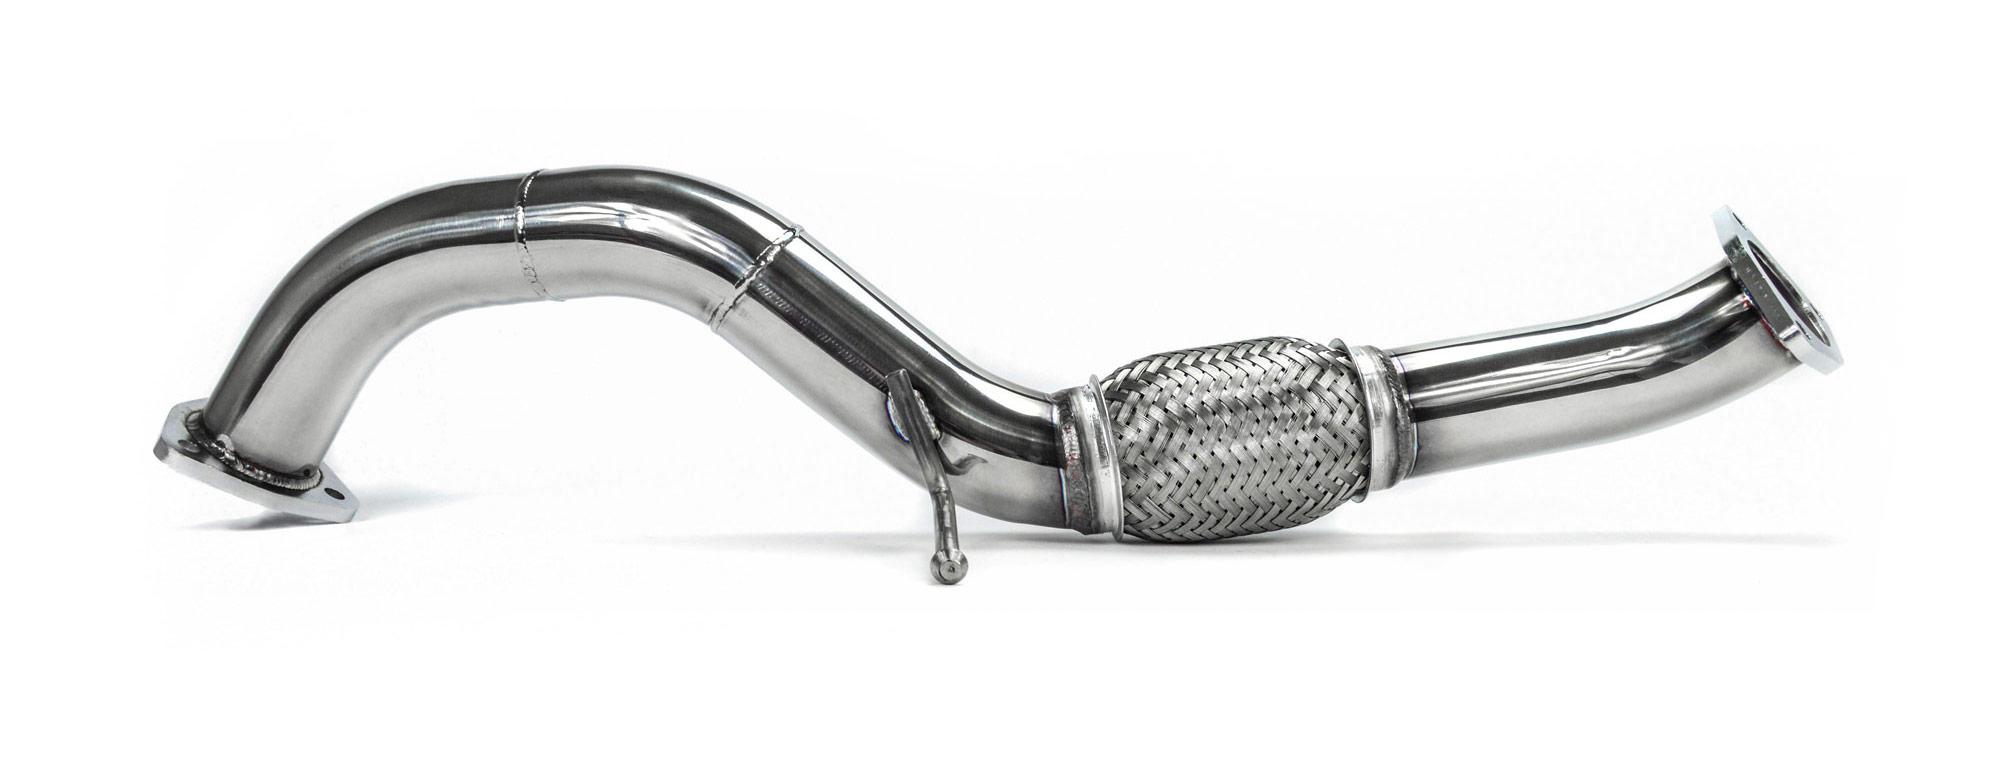 27WON-Civic-Front-Pipe.jpg